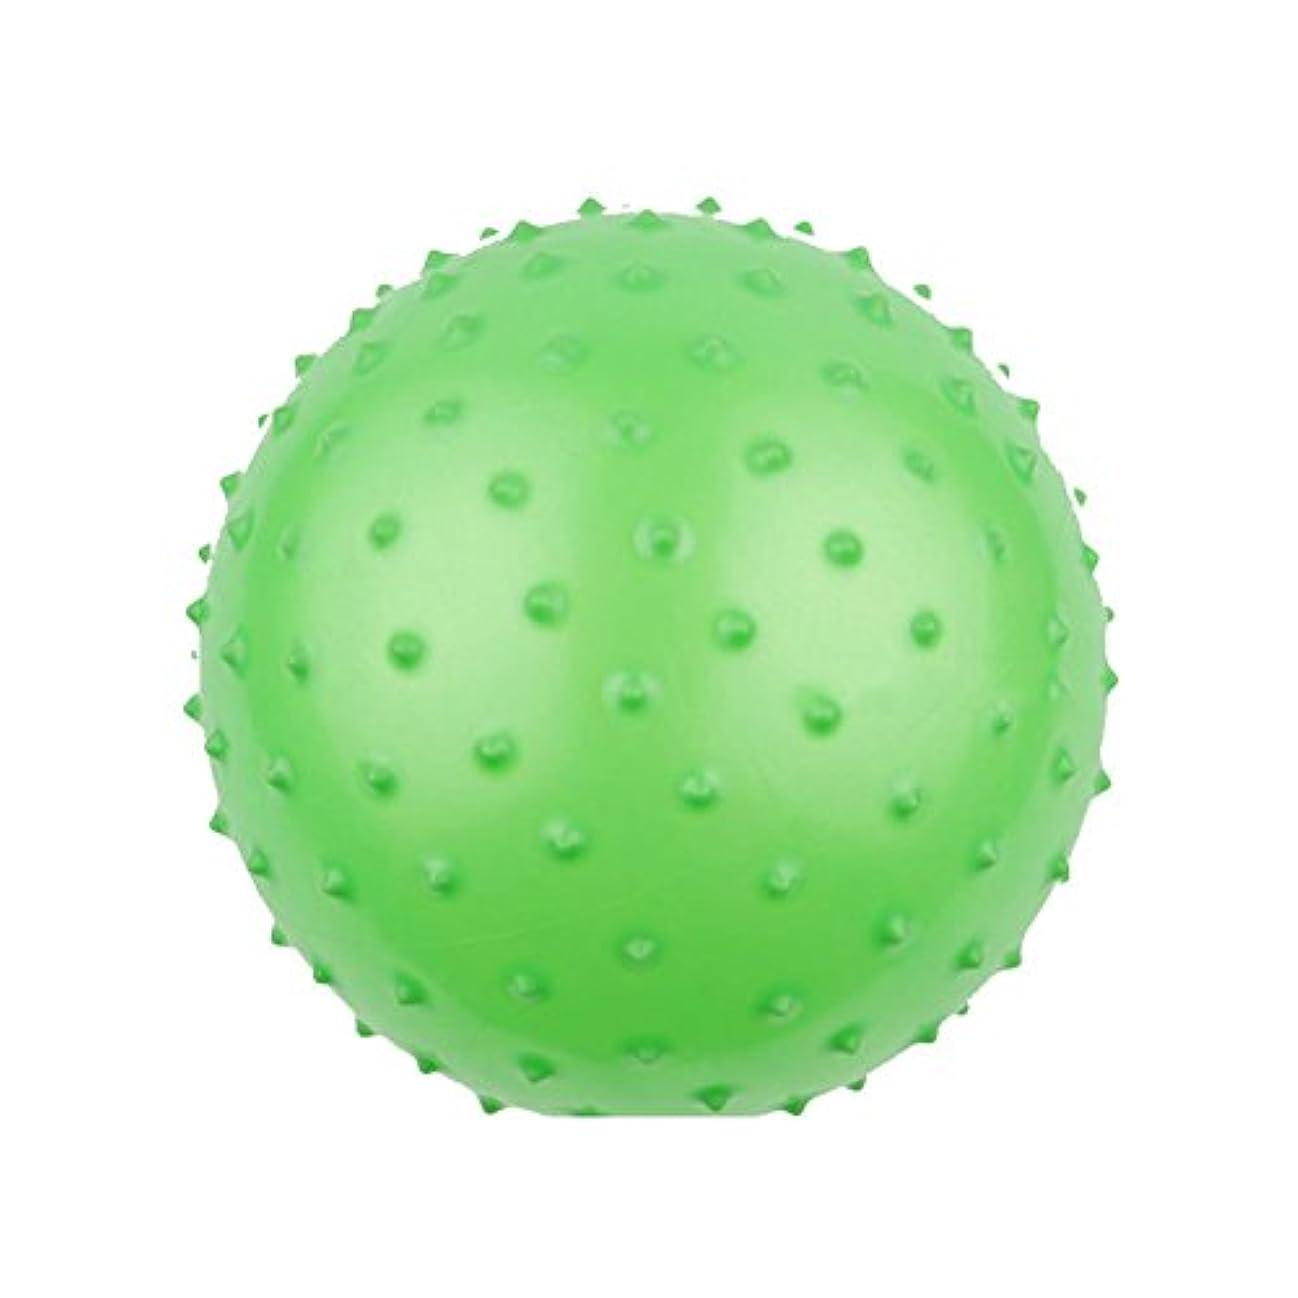 からに変化する衣服ウナギLiebeye 野球ボール 素敵な野球ボールマッサージボールキッズインフレータブルおもちゃのギフト装飾品(ランダムカラー) 28cmマッサージボール